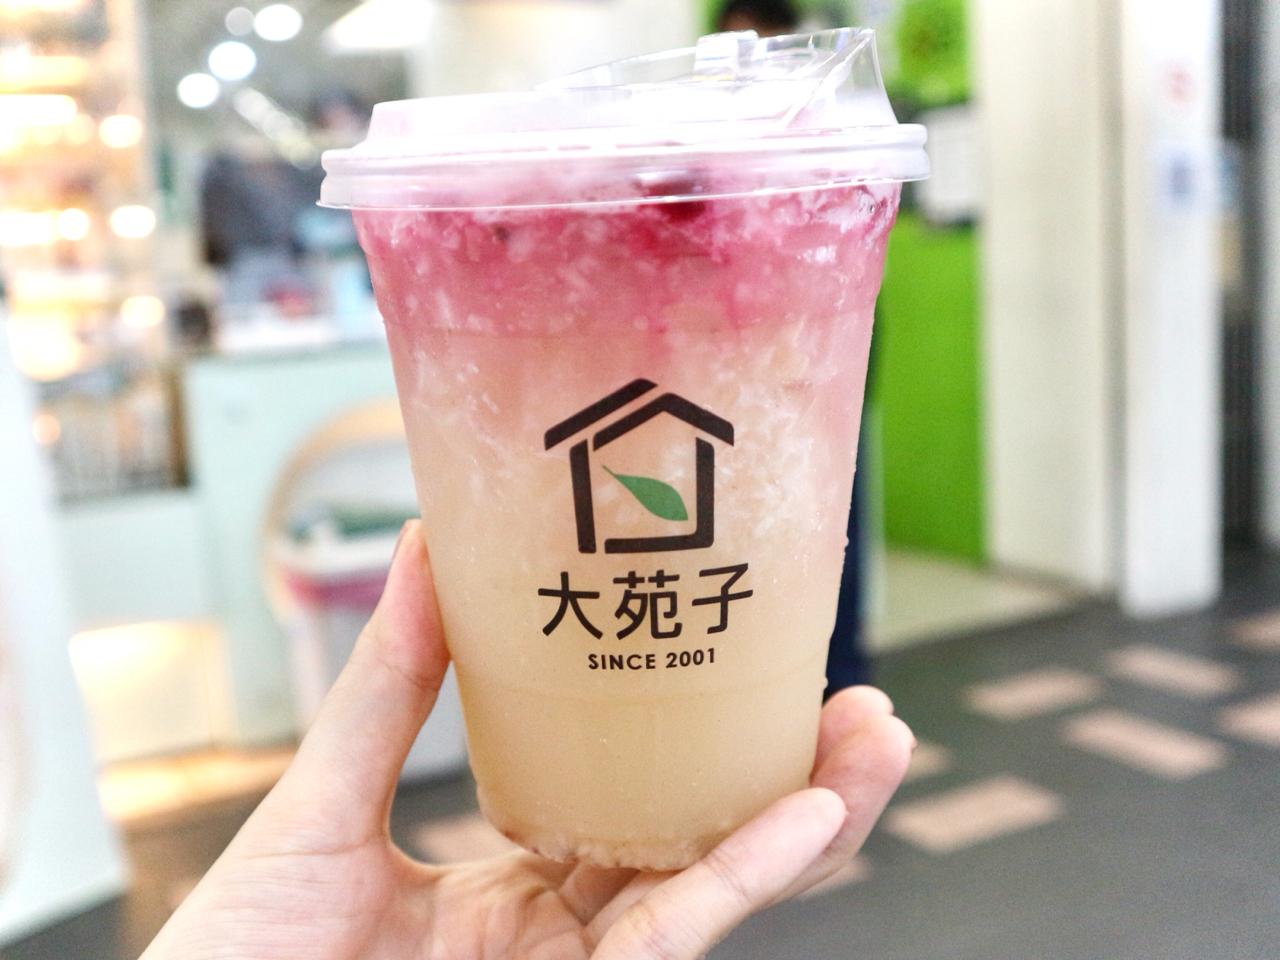 【台湾】ライチドリンクに薔薇がふわり!フルーツドリンクの人気店「大苑子」 画像5